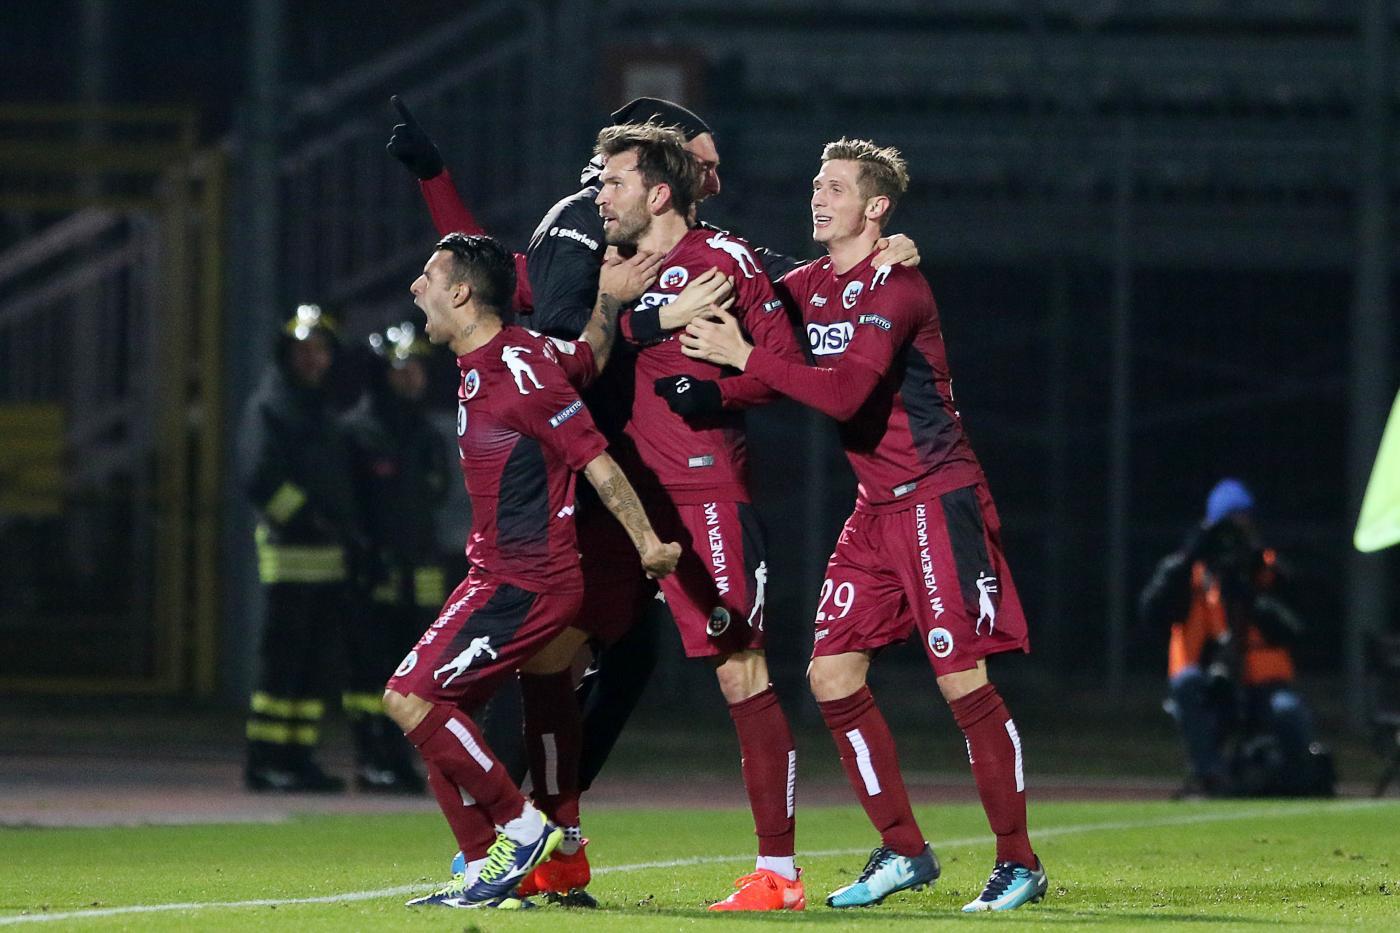 Cittadella-Bari 3 giugno, analisi e pronostico playoff Serie B